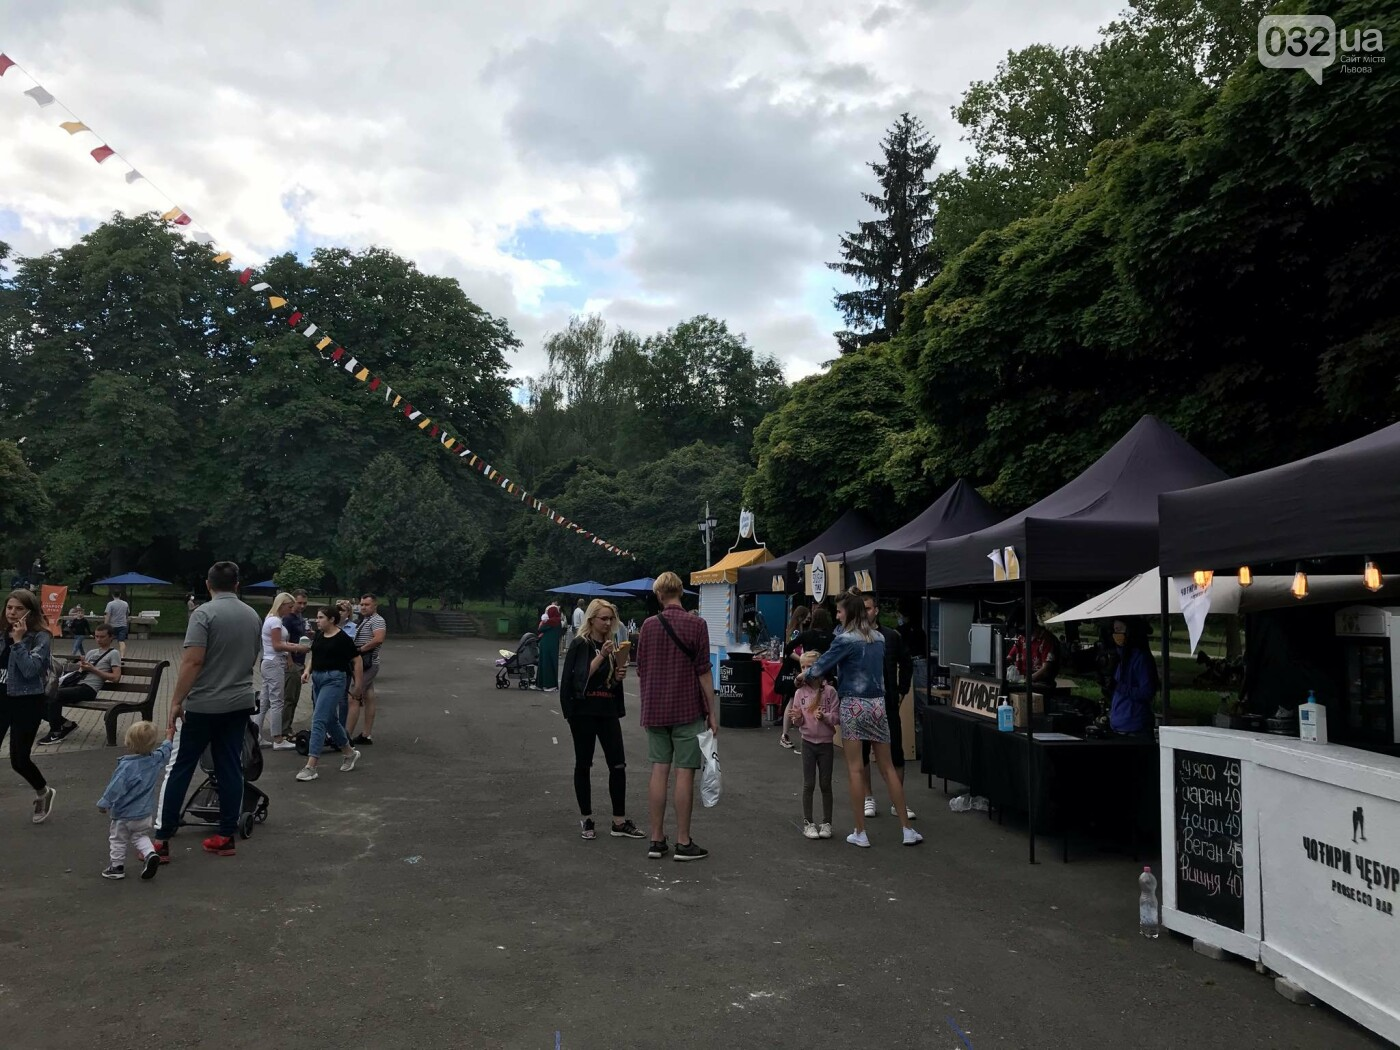 Фестиваль вуличної їжі Streey Food So Good. Фото - 032.ua